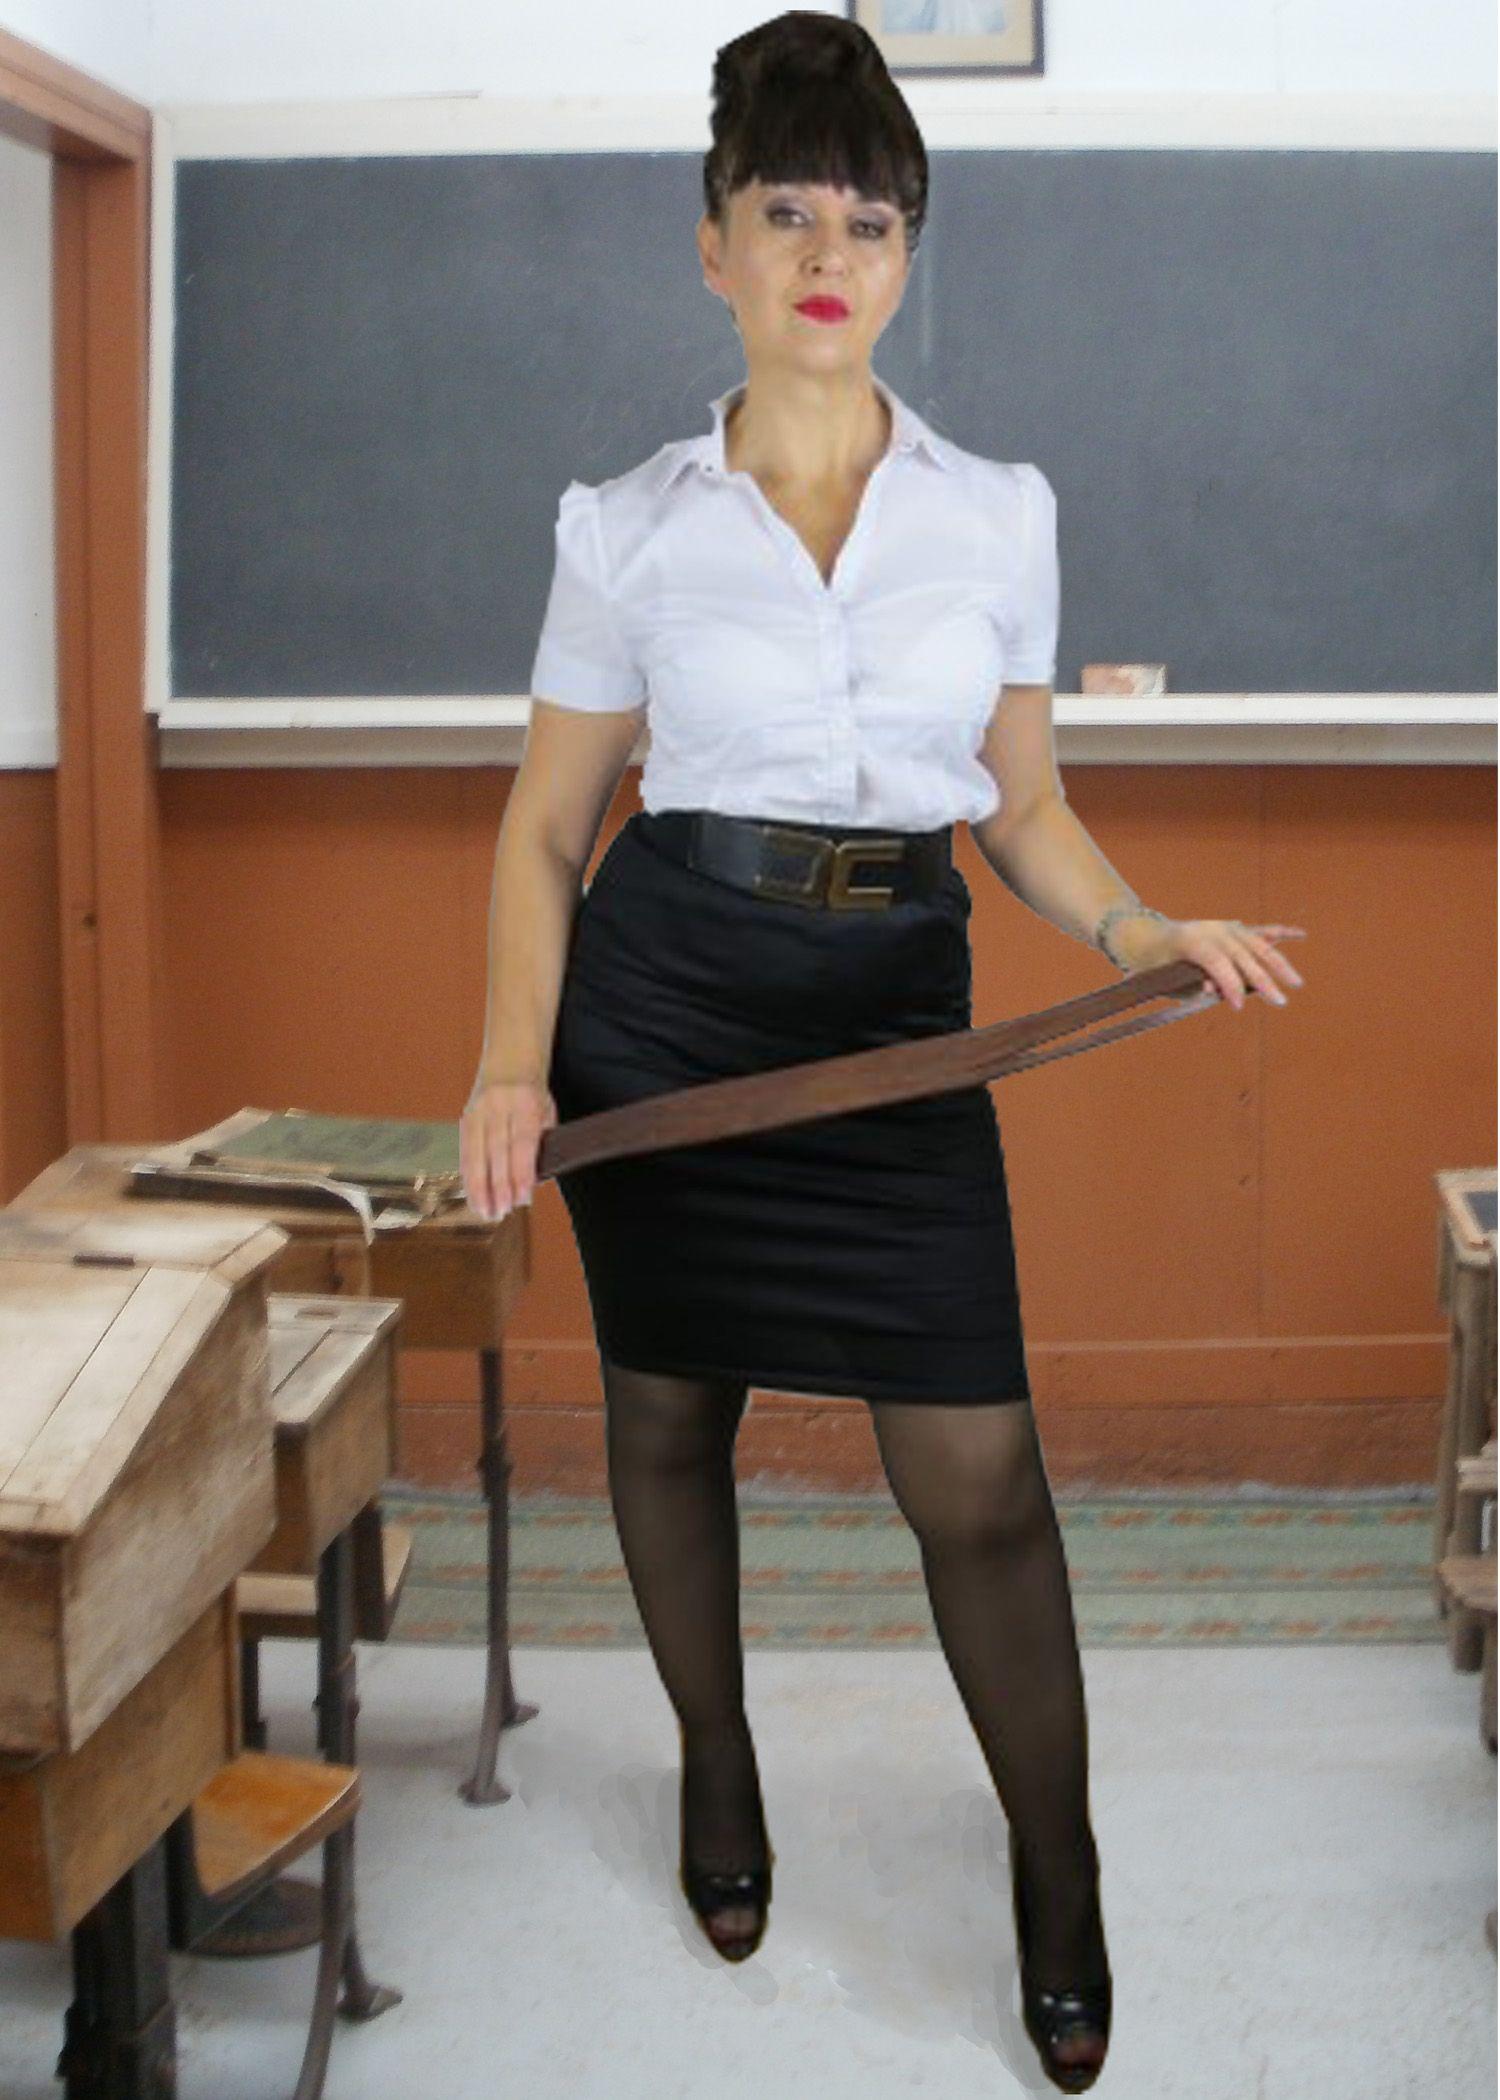 British finishing school spanking - 4 2